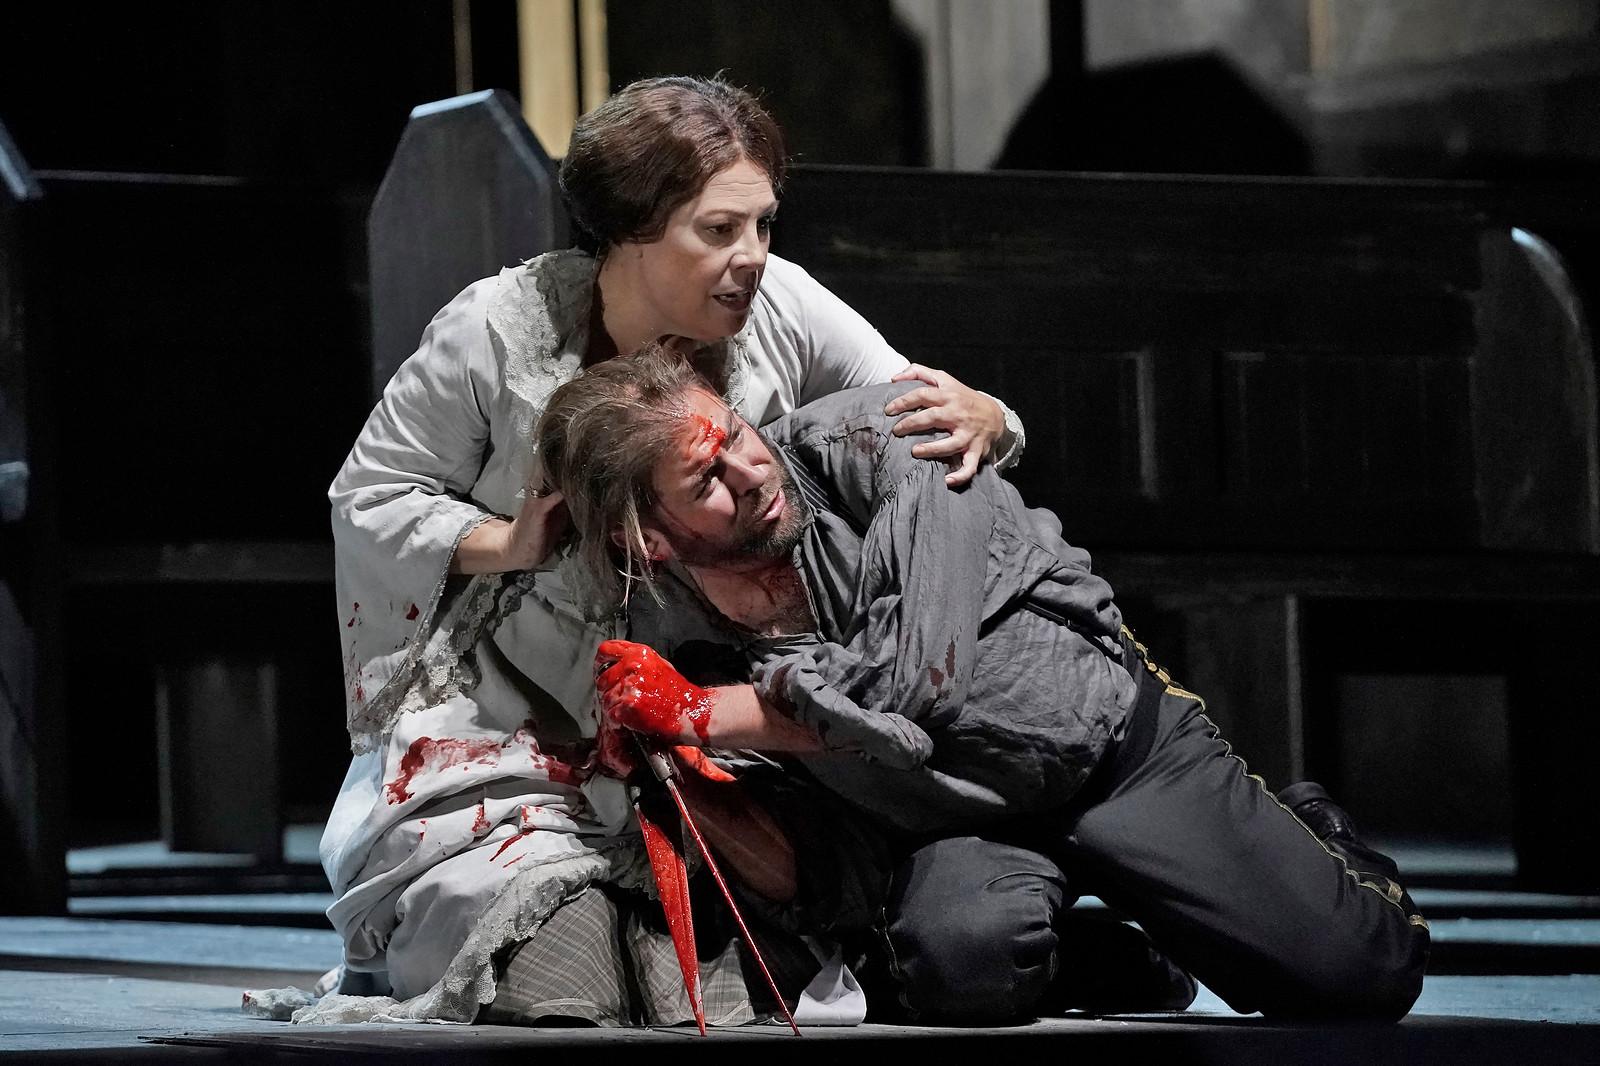 Sondra Radvanovsky as Lady Macbeth and Craig Colclough as Macbeth